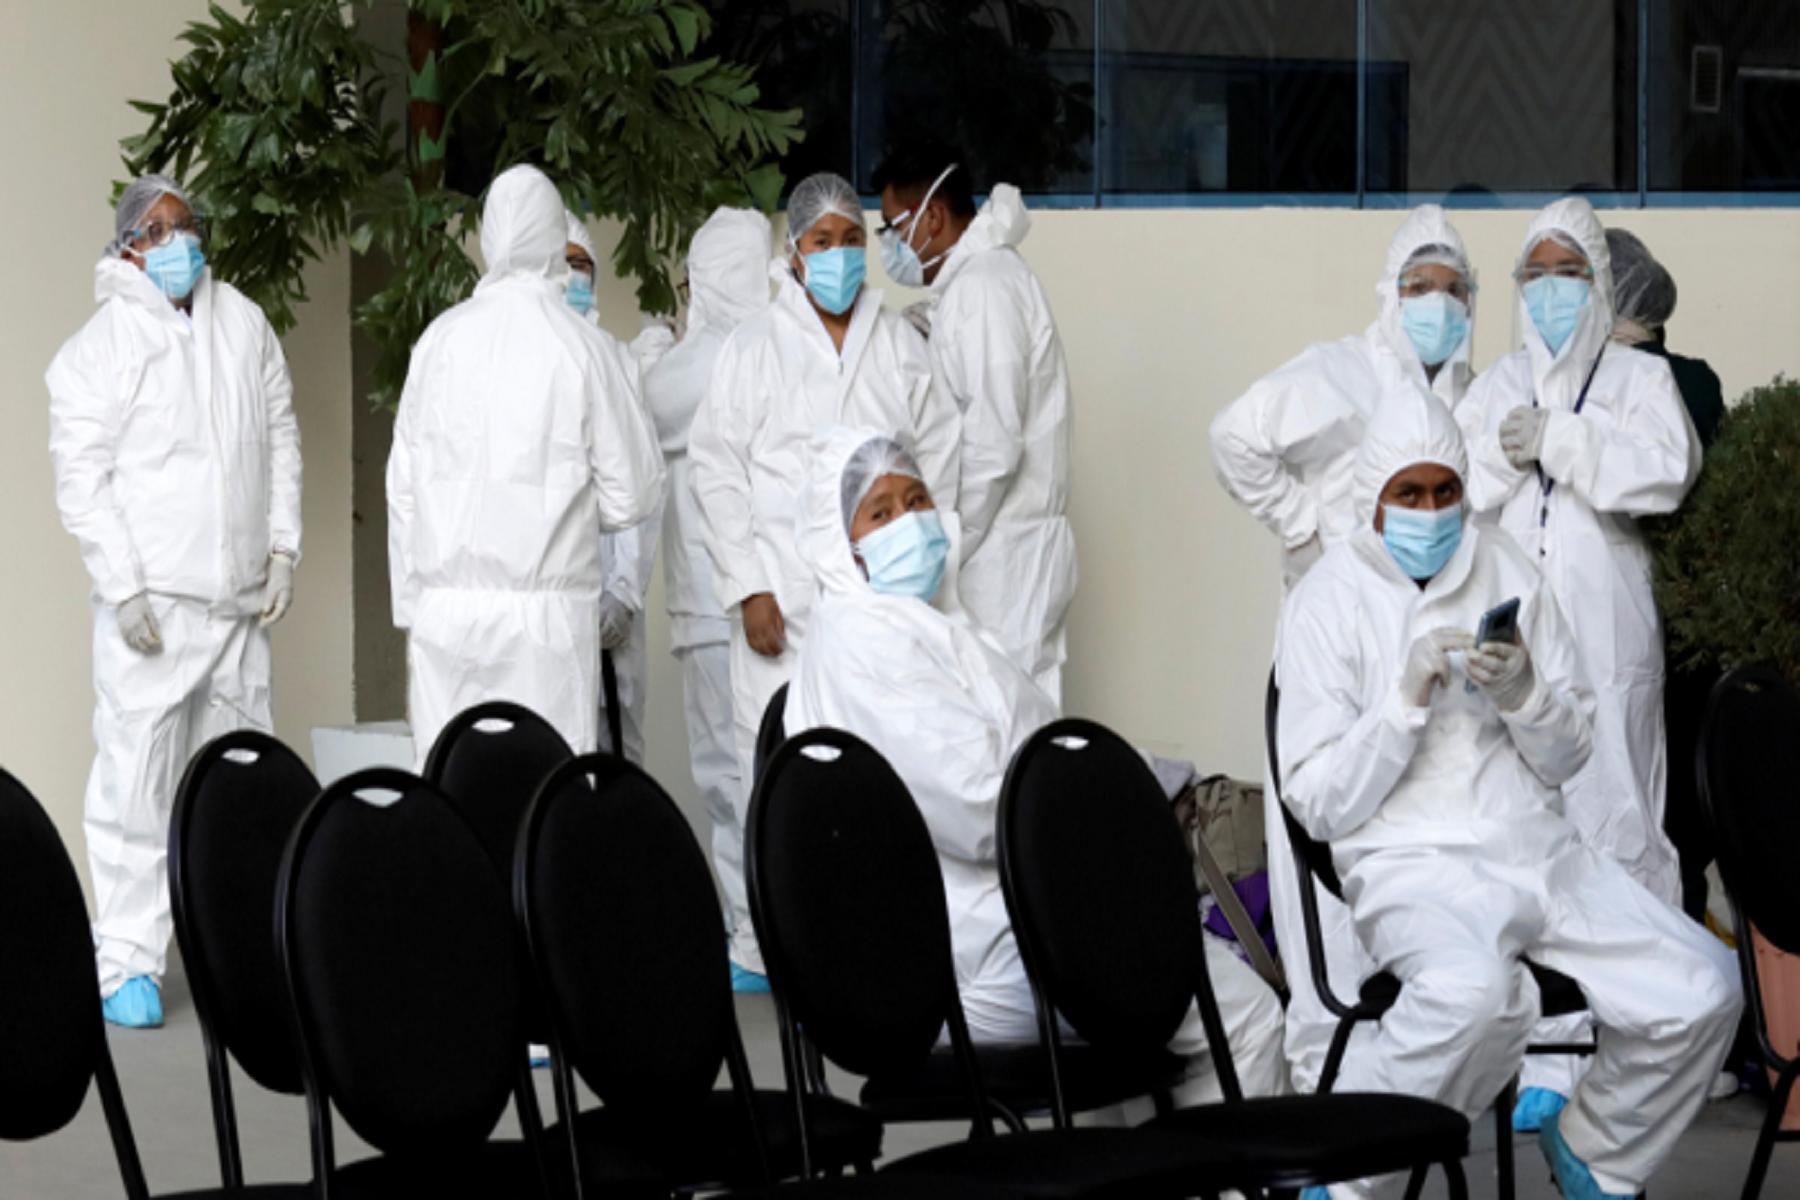 Προσβολές Ξυλοδαρμοί Συλλήψεις: Αποδέκτες βίας λόγω covid οι εργαζόμενοι στον τομέα υγείας σε όλον τον κόσμο